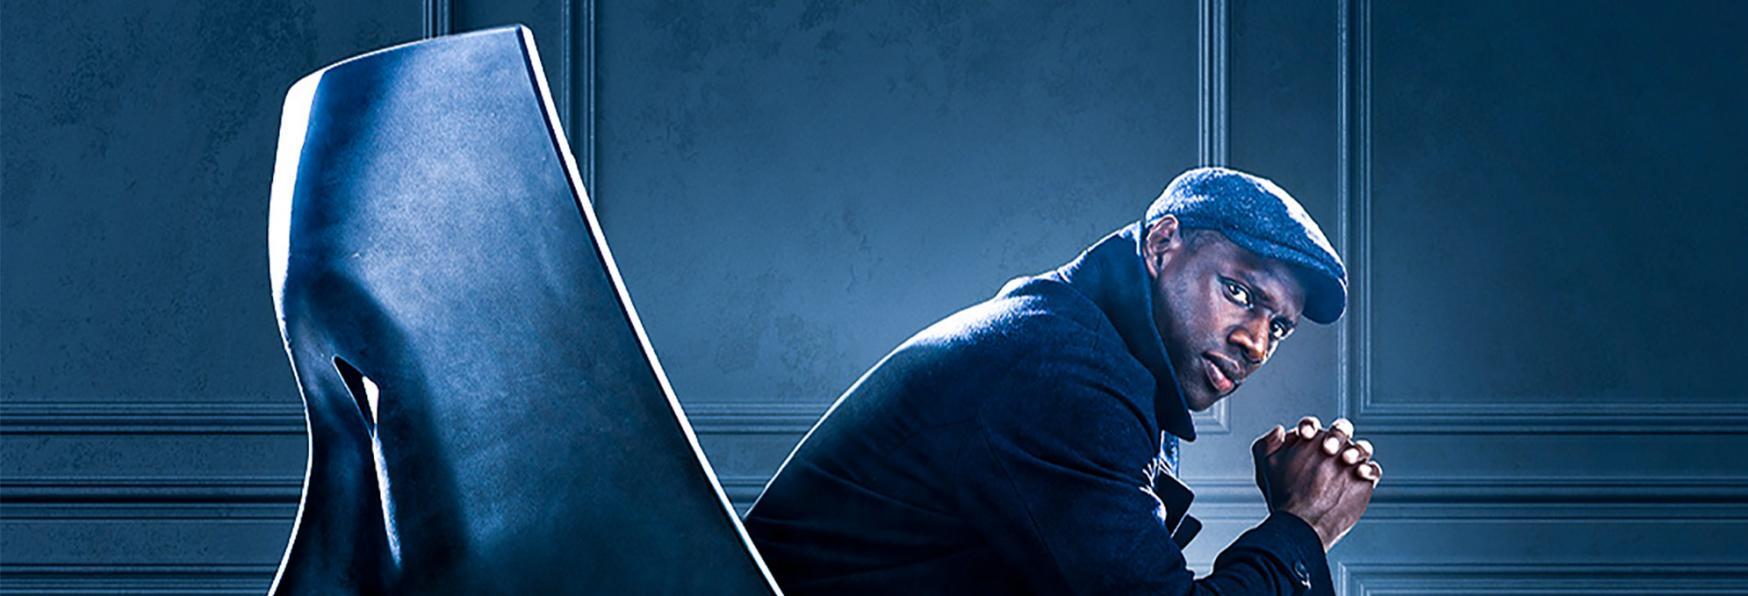 Lupin 2: Netflix Rilascia il Trailer Ufficiale della Stagione inedita